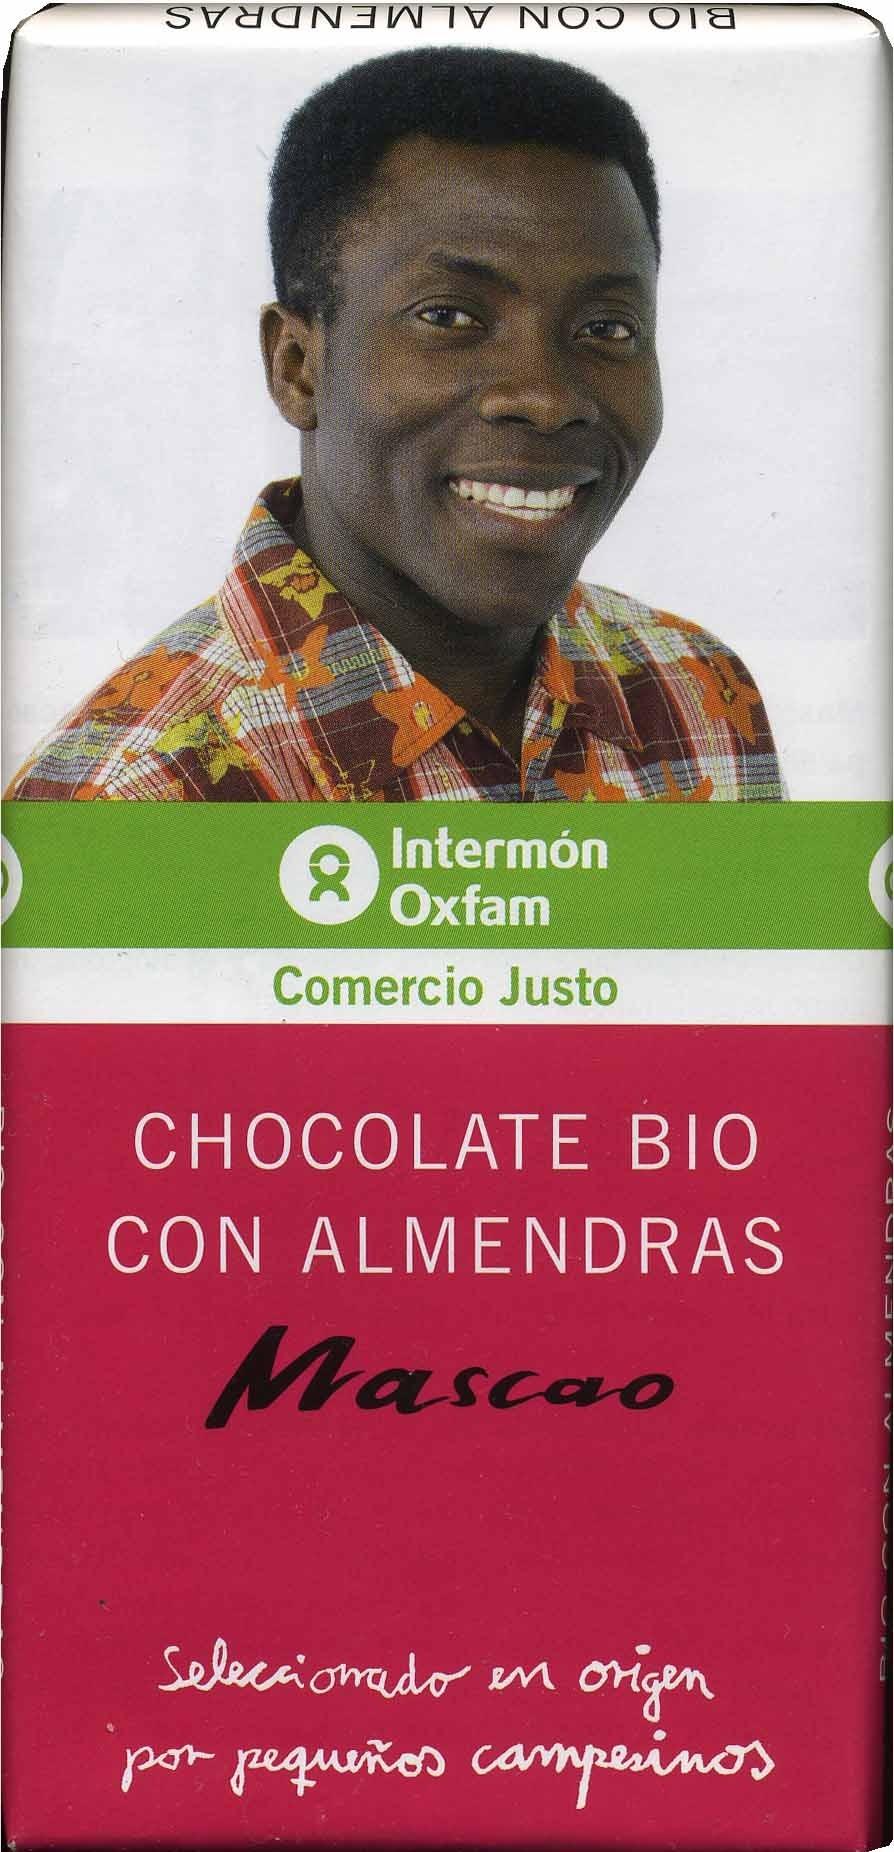 Tableta de chocolate negro con almendras 58% cacao - DESCATALOGADO - Producto - es